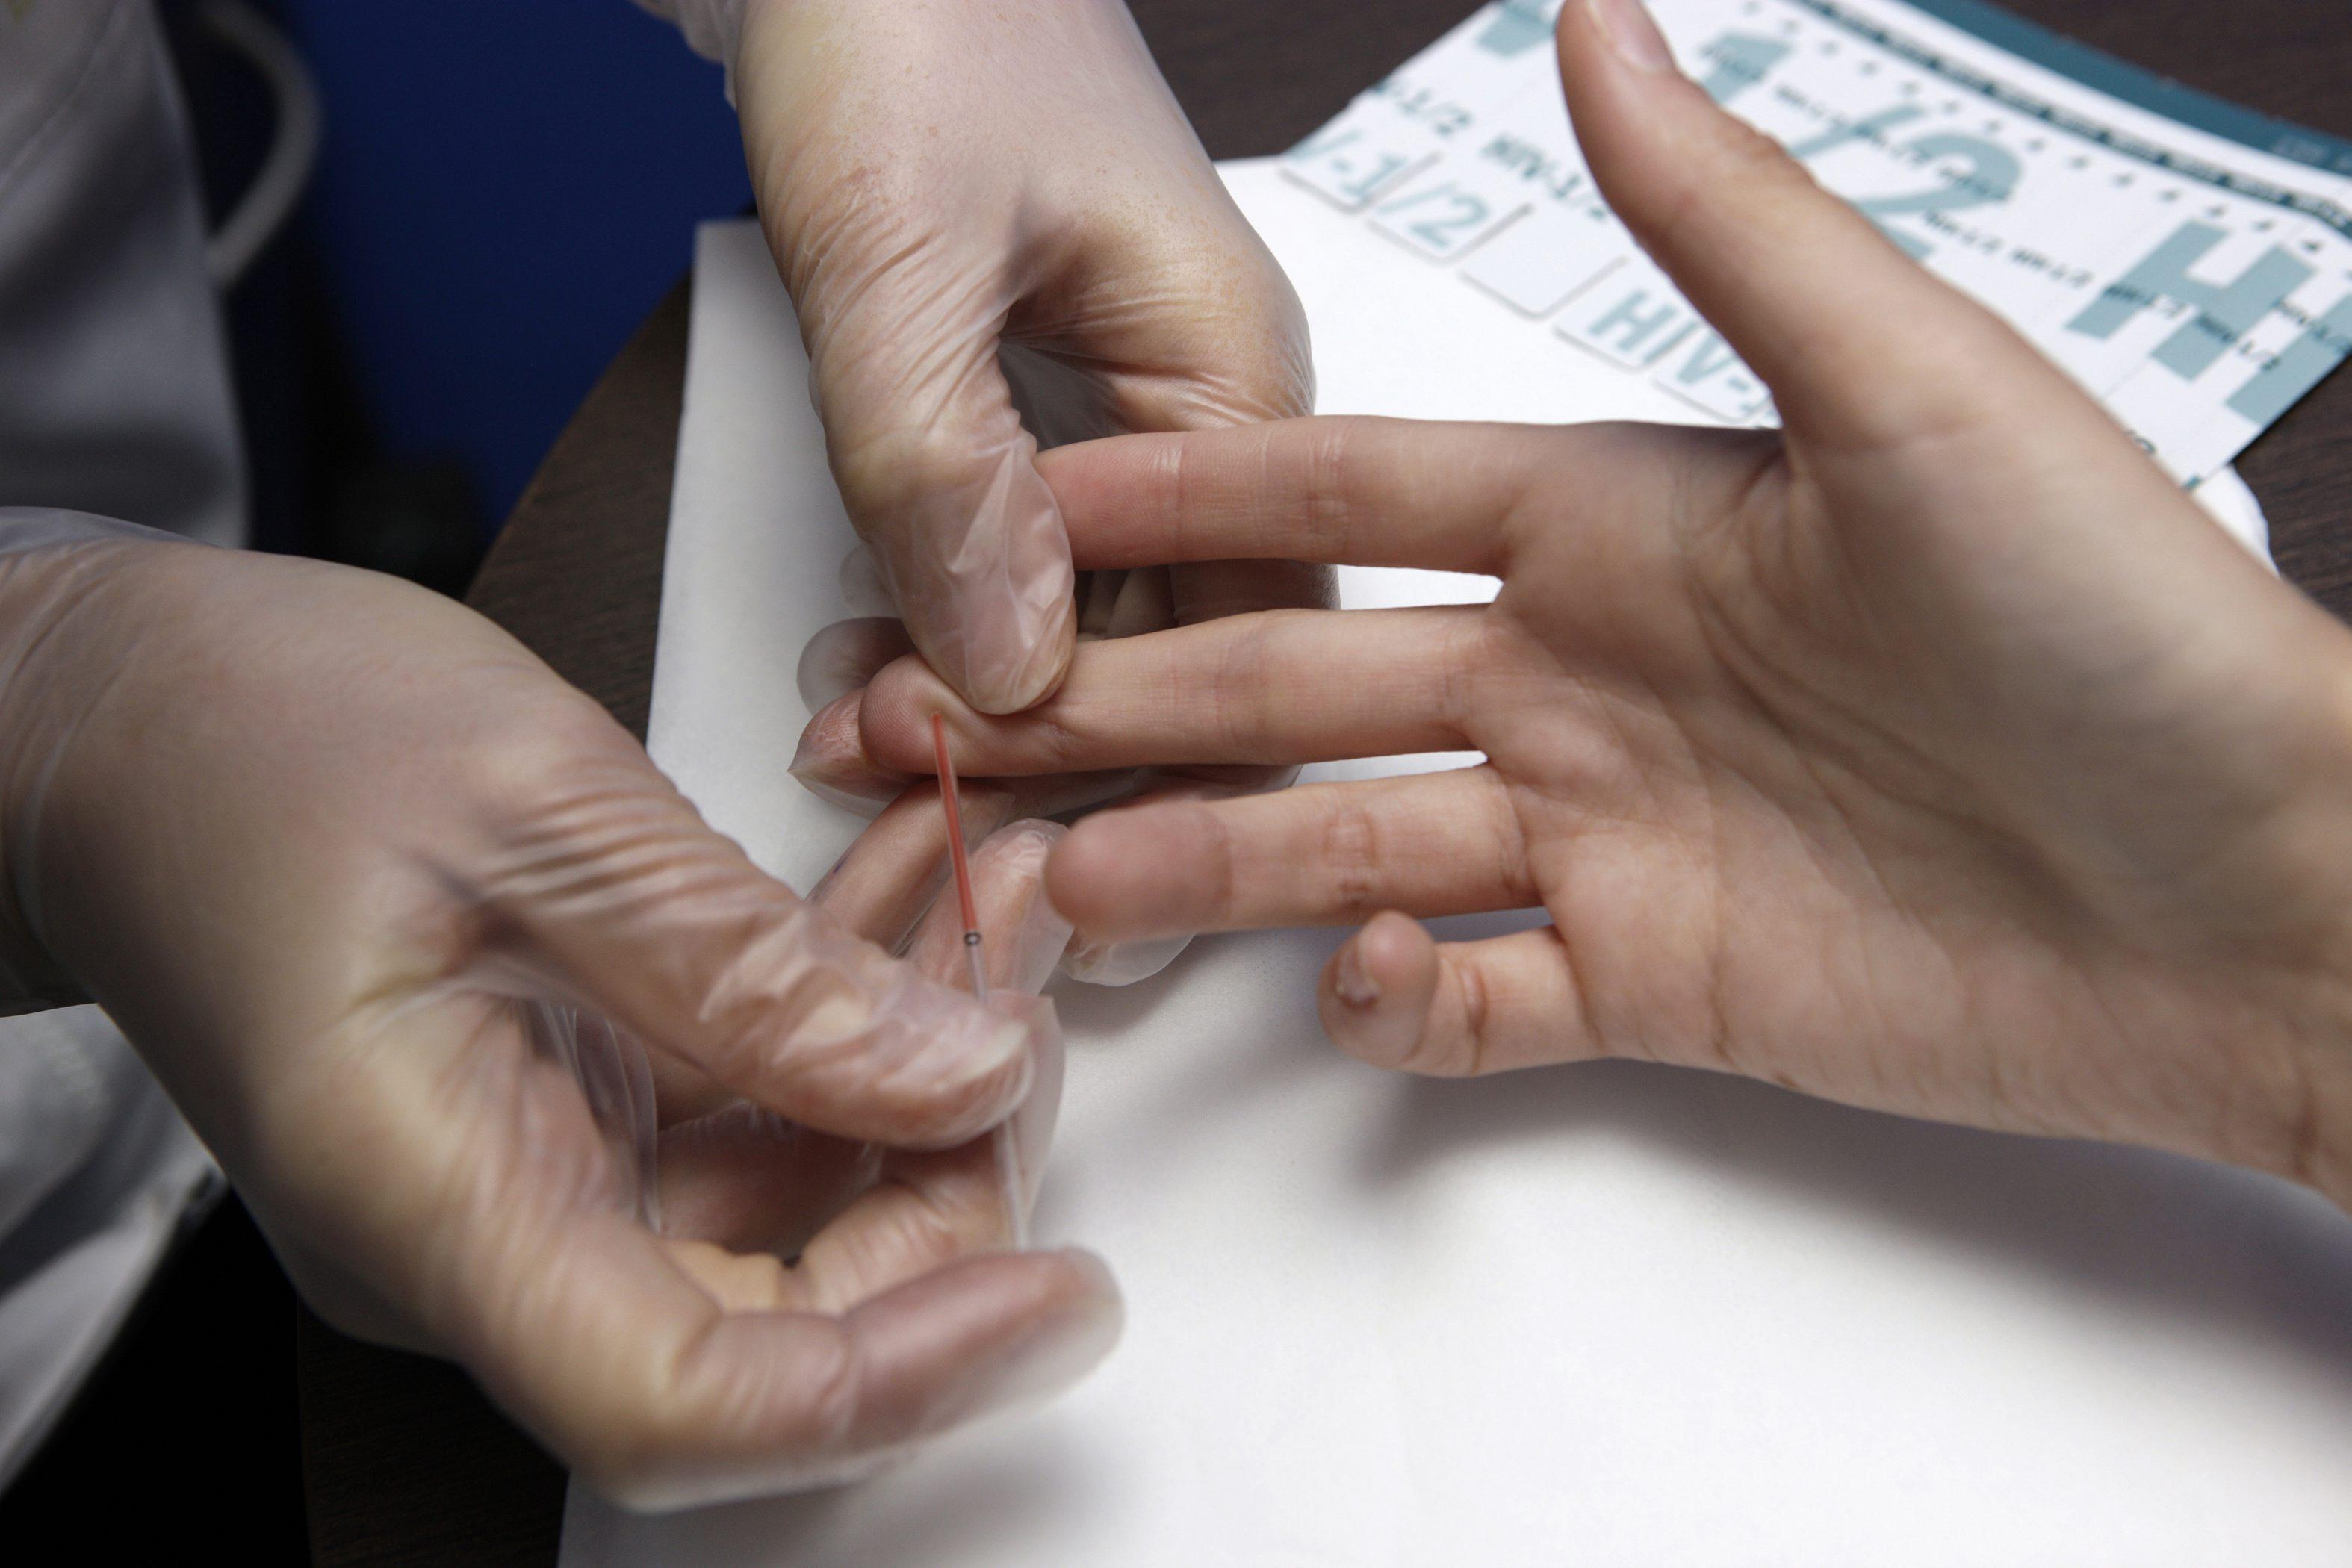 prova-sida-farmacies